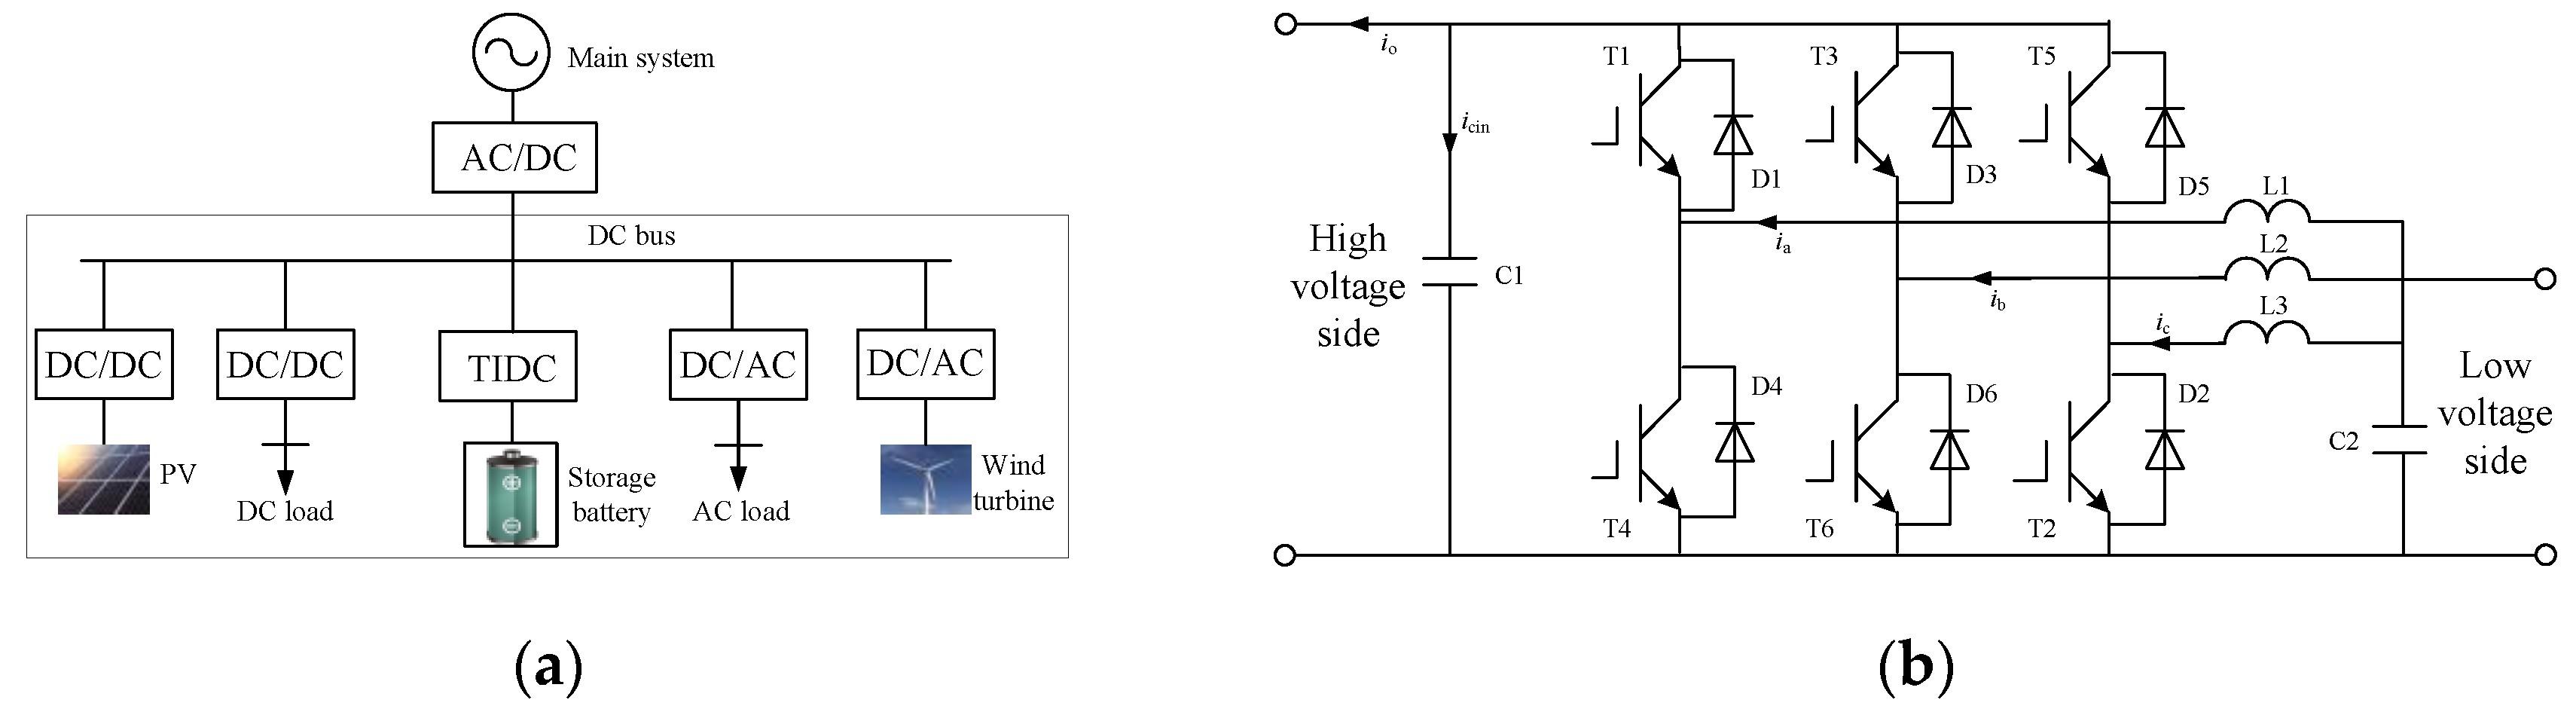 Fast Diagram Value Engineering Energies Free Full Text Of Fast Diagram Value Engineering